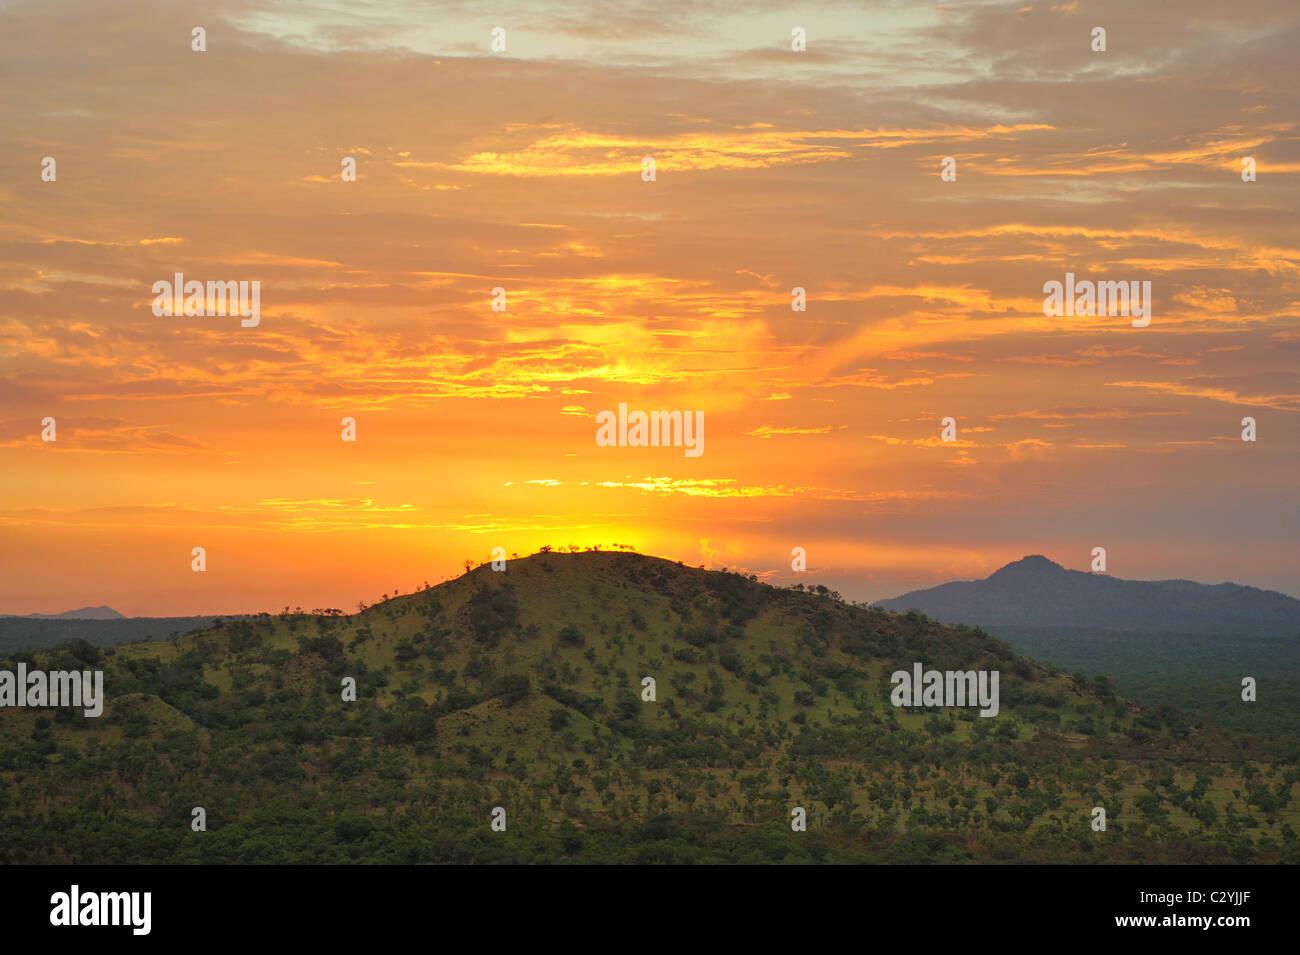 Puesta de sol sobre el Parque Nacional Cerros de Boma, Sudán Foto de stock